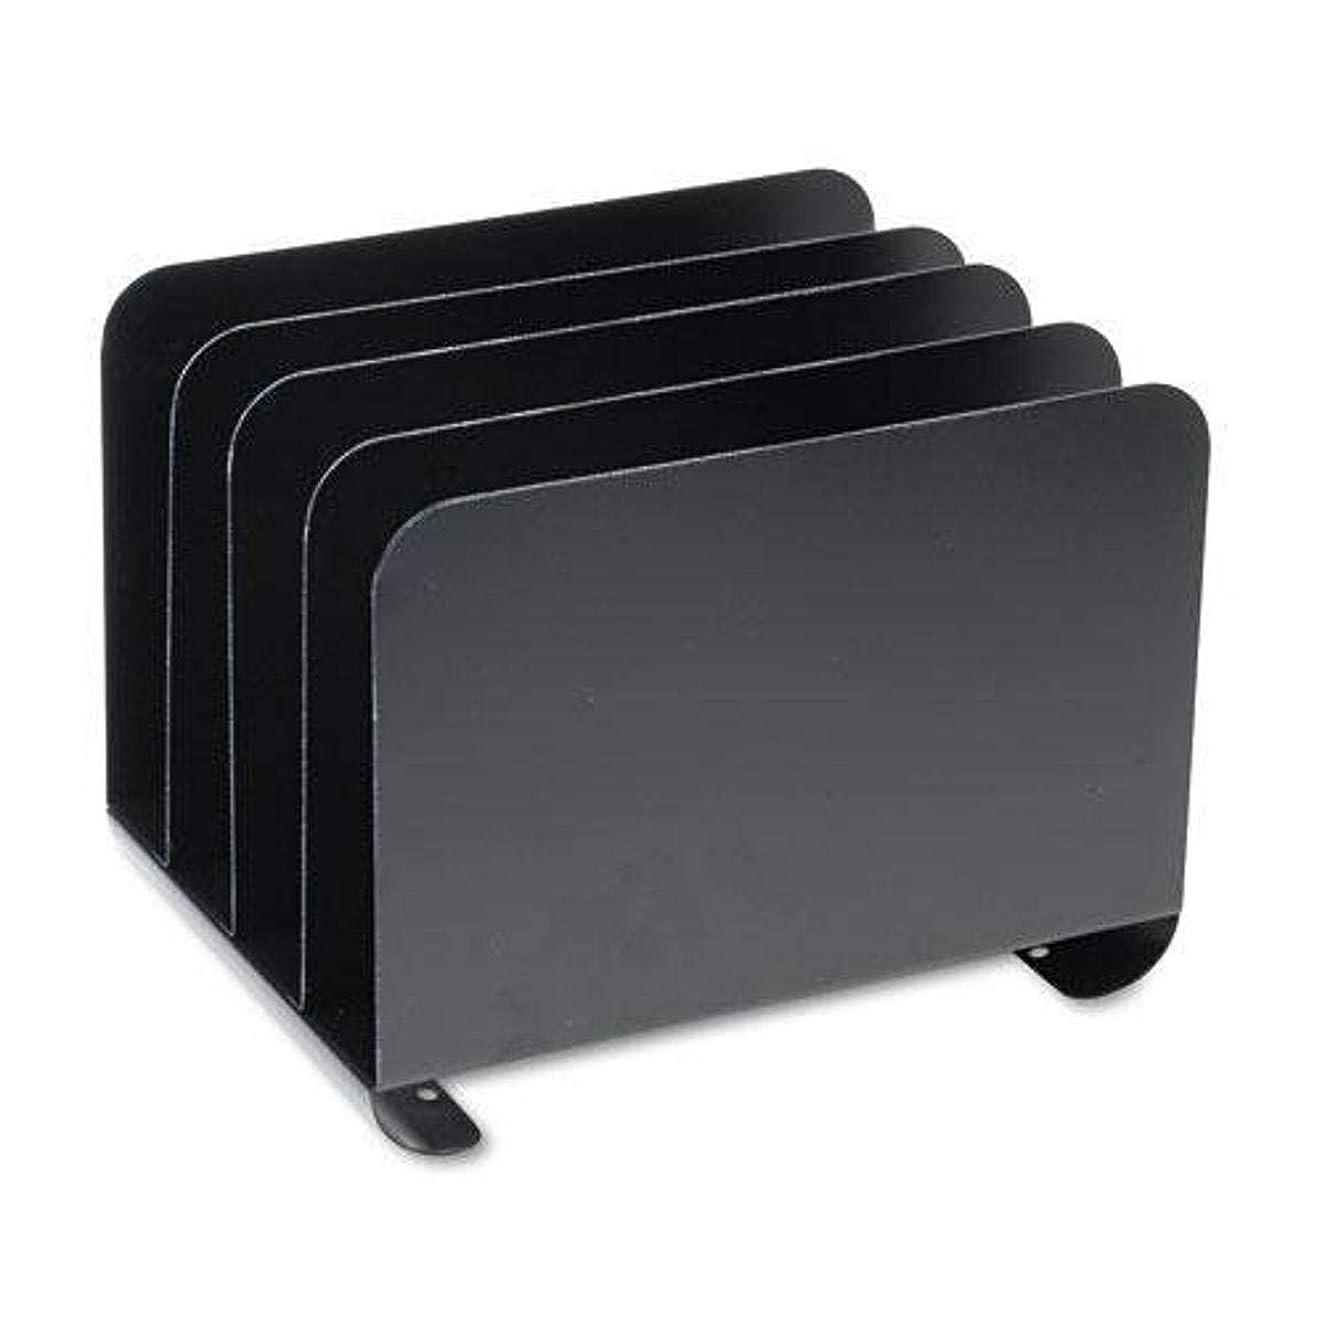 容量アカデミー風が強いMMF 2644BLA Steel Vertical Organizer 4 - Comp - Black